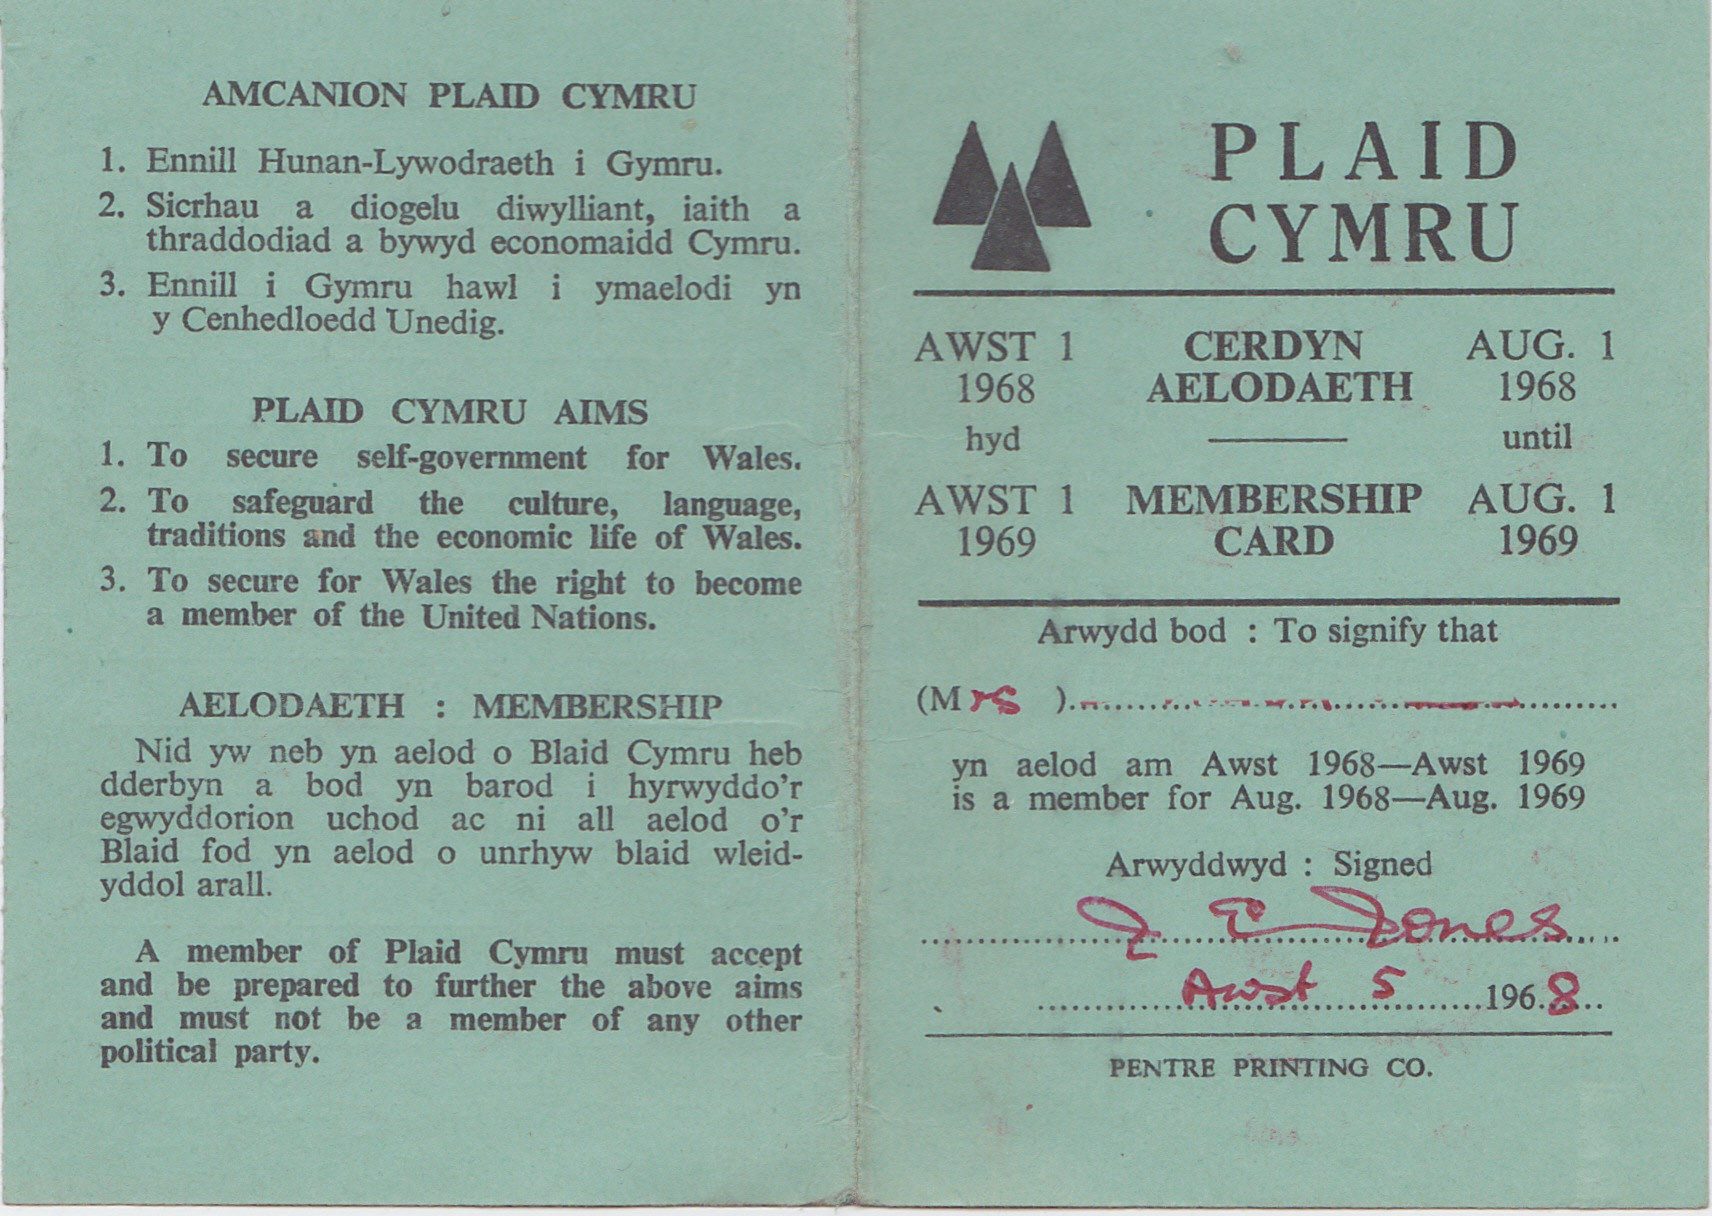 1968 Cerdyn Aelodaeth